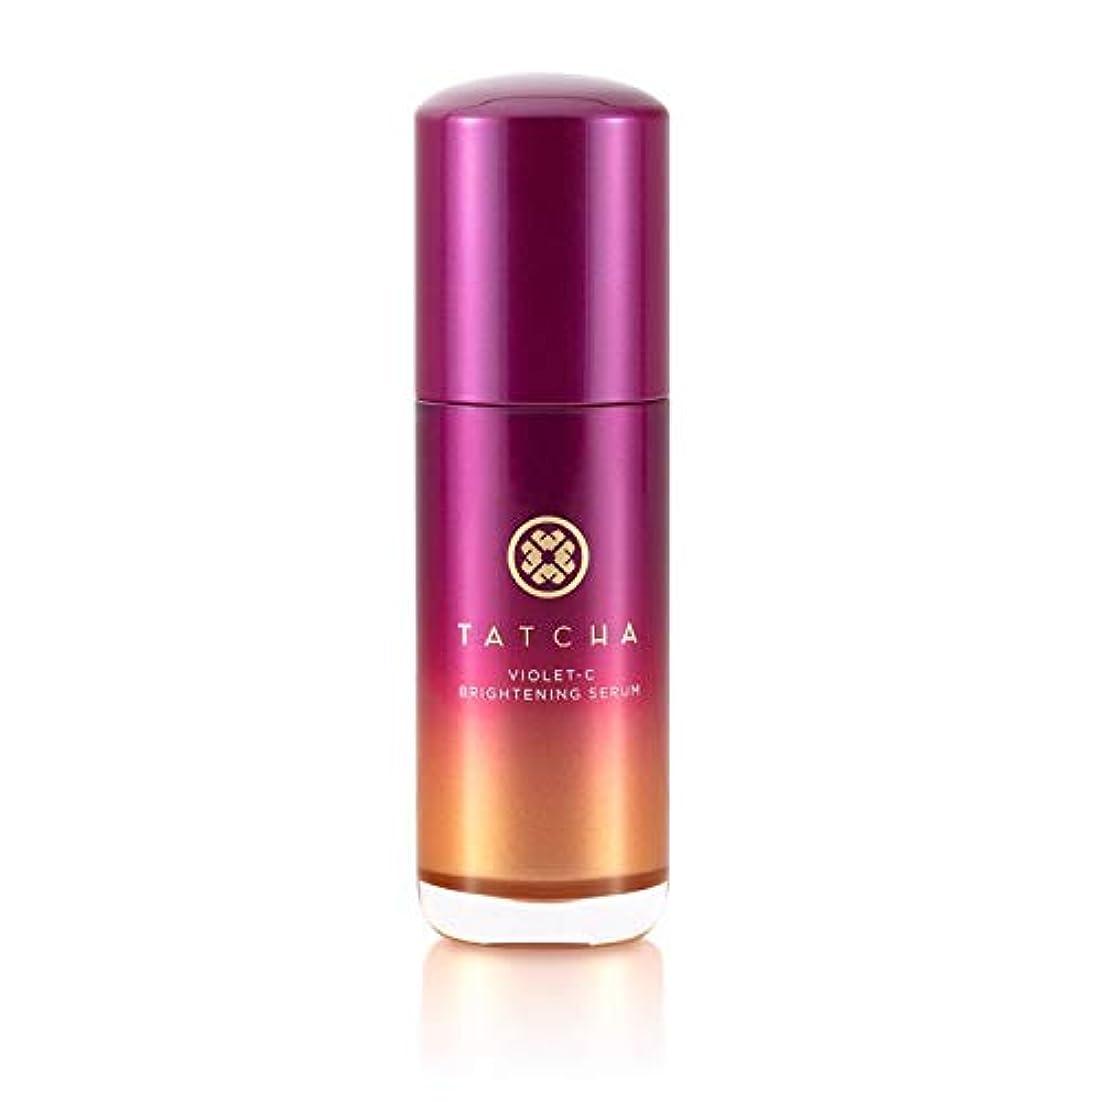 材料徒歩で革命的TATCHA Violet-C Brightening Serum (20% Vitamin C + 10% AHA) タチャ バイオレットC ブライトニング セラム 美容液 30ml